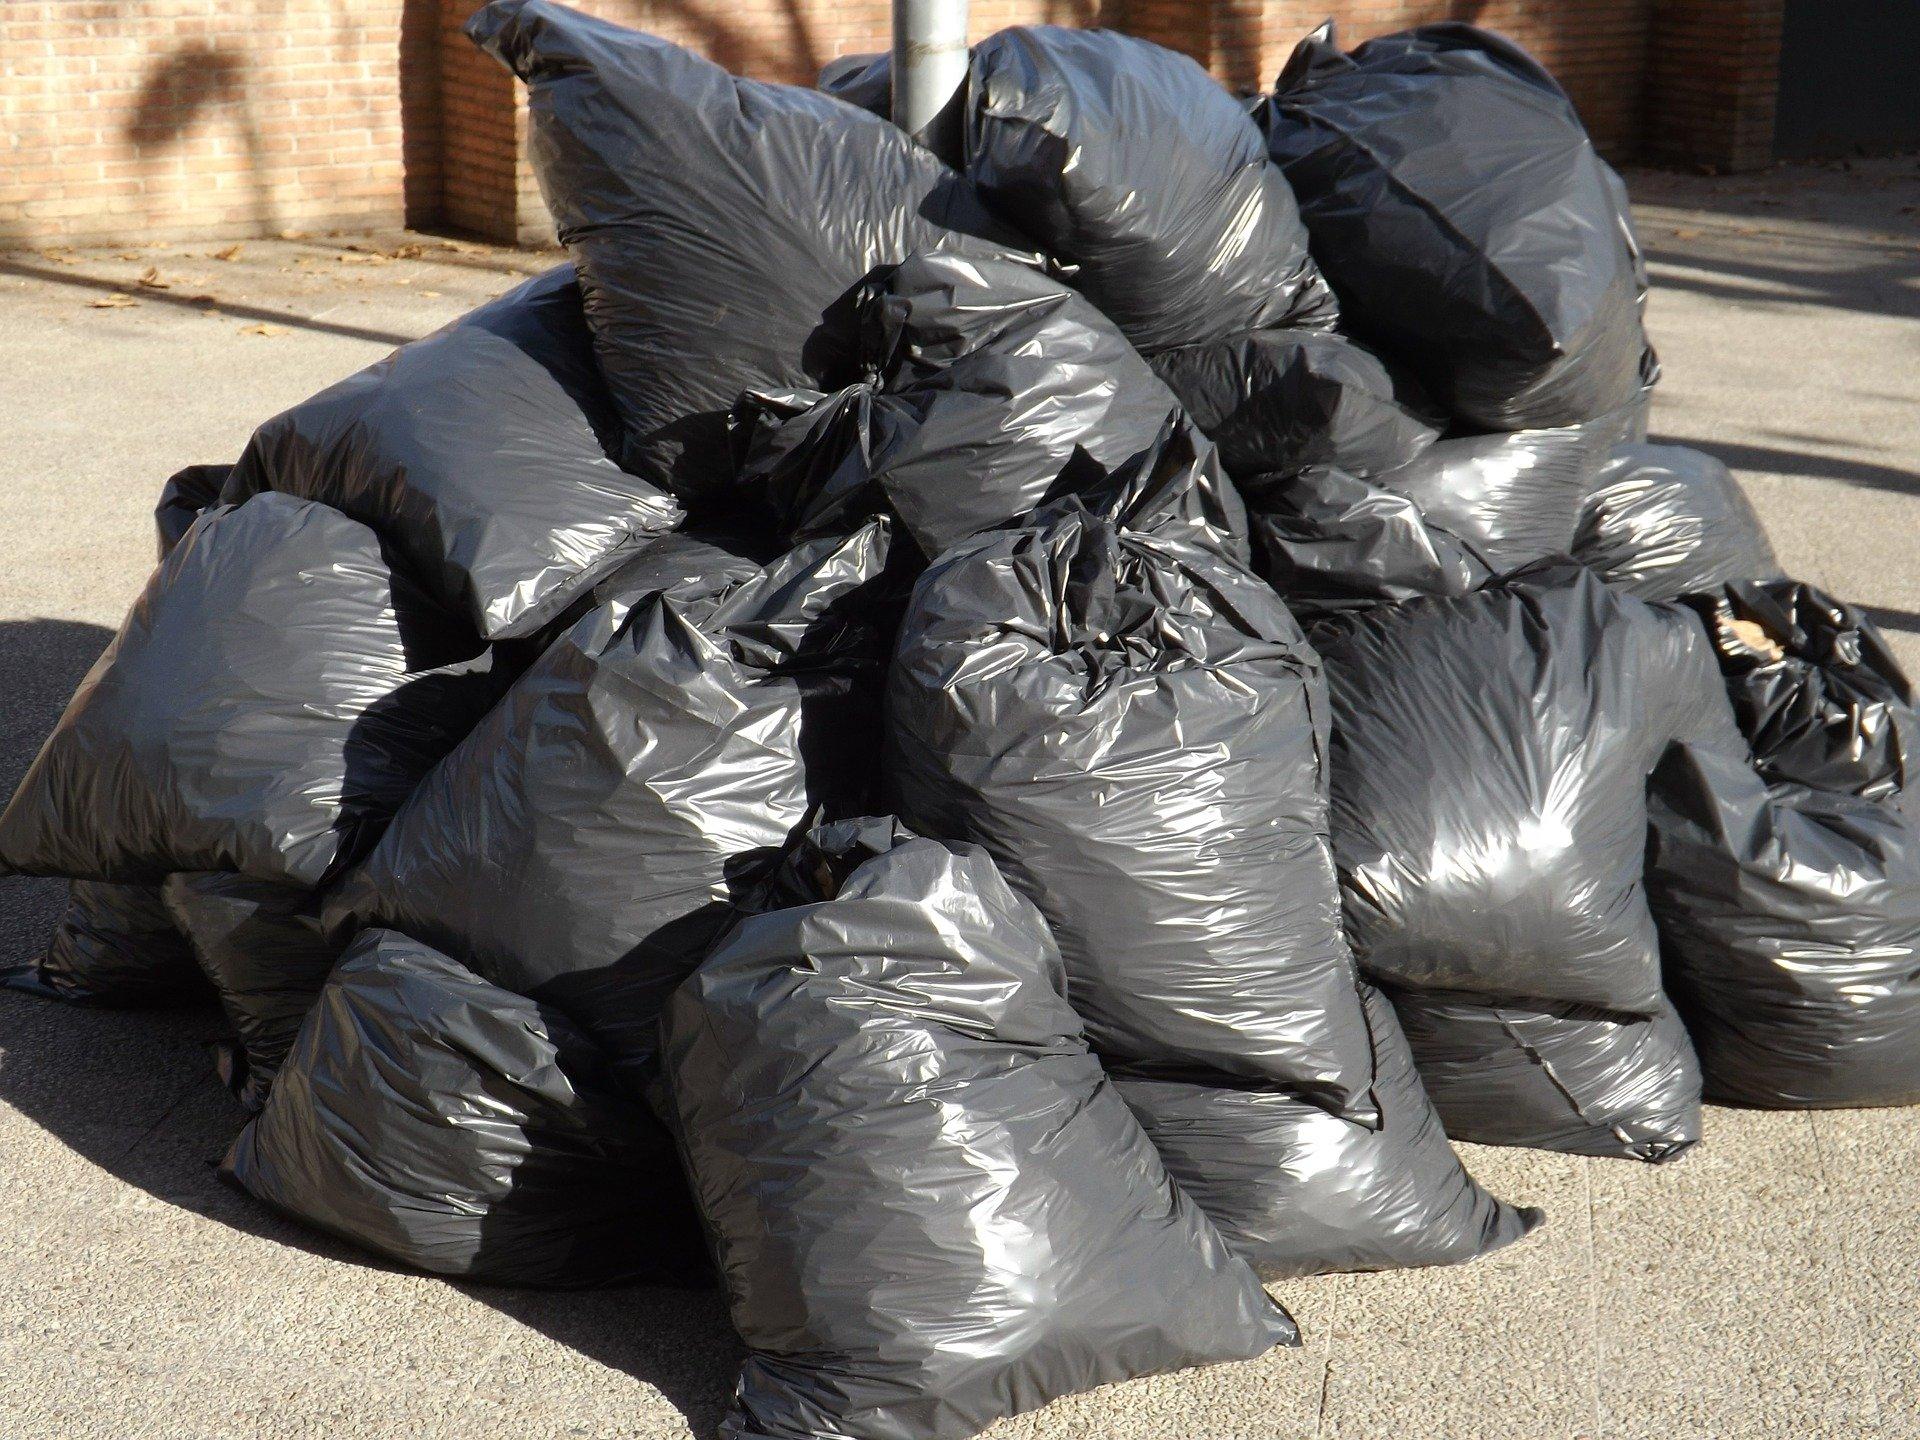 Na śmieci będzie umowa - Zdjęcie główne